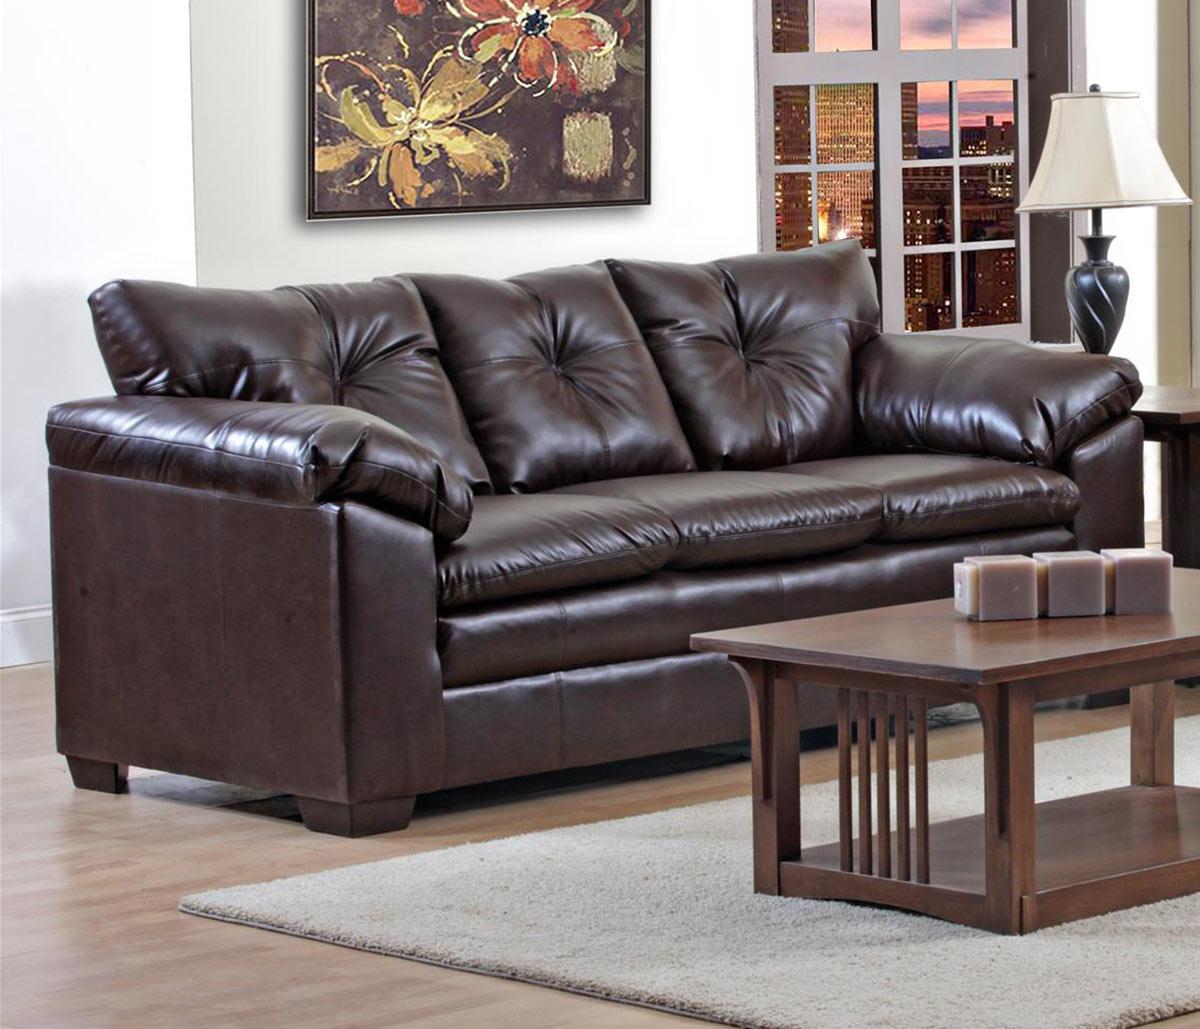 Chelsea Home Meri Sofa Set - Brown